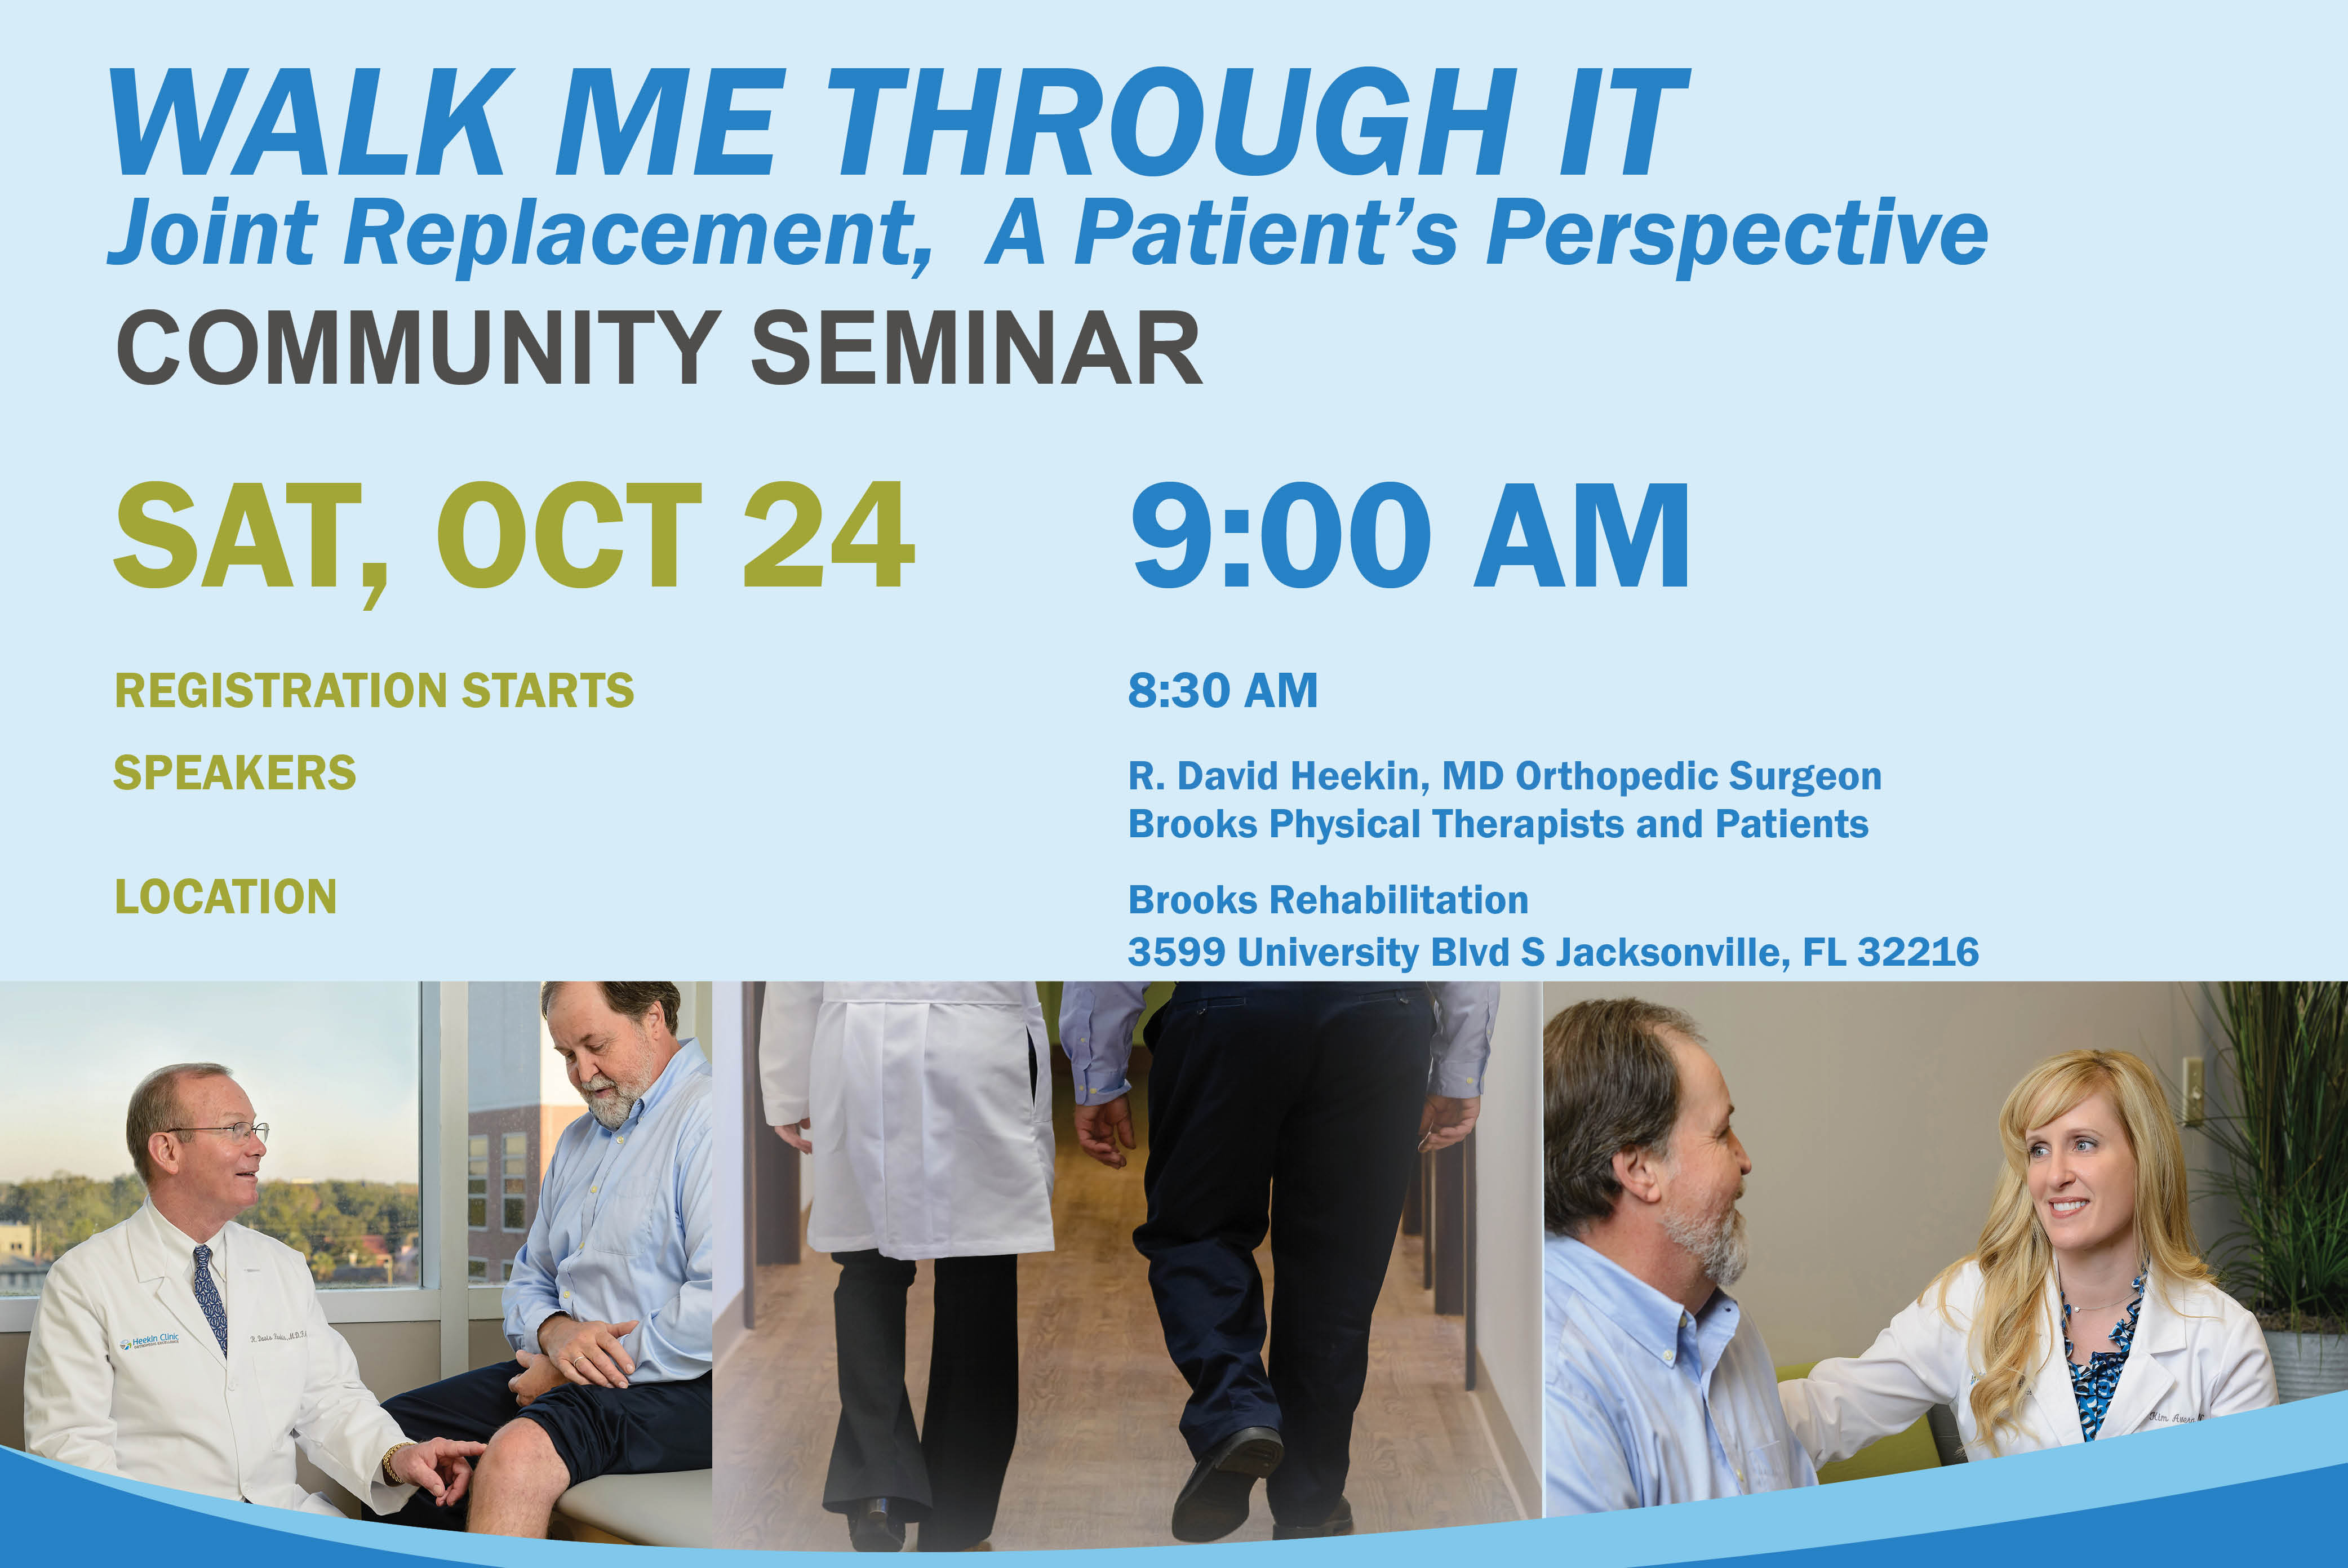 Patient's Perspective Seminar